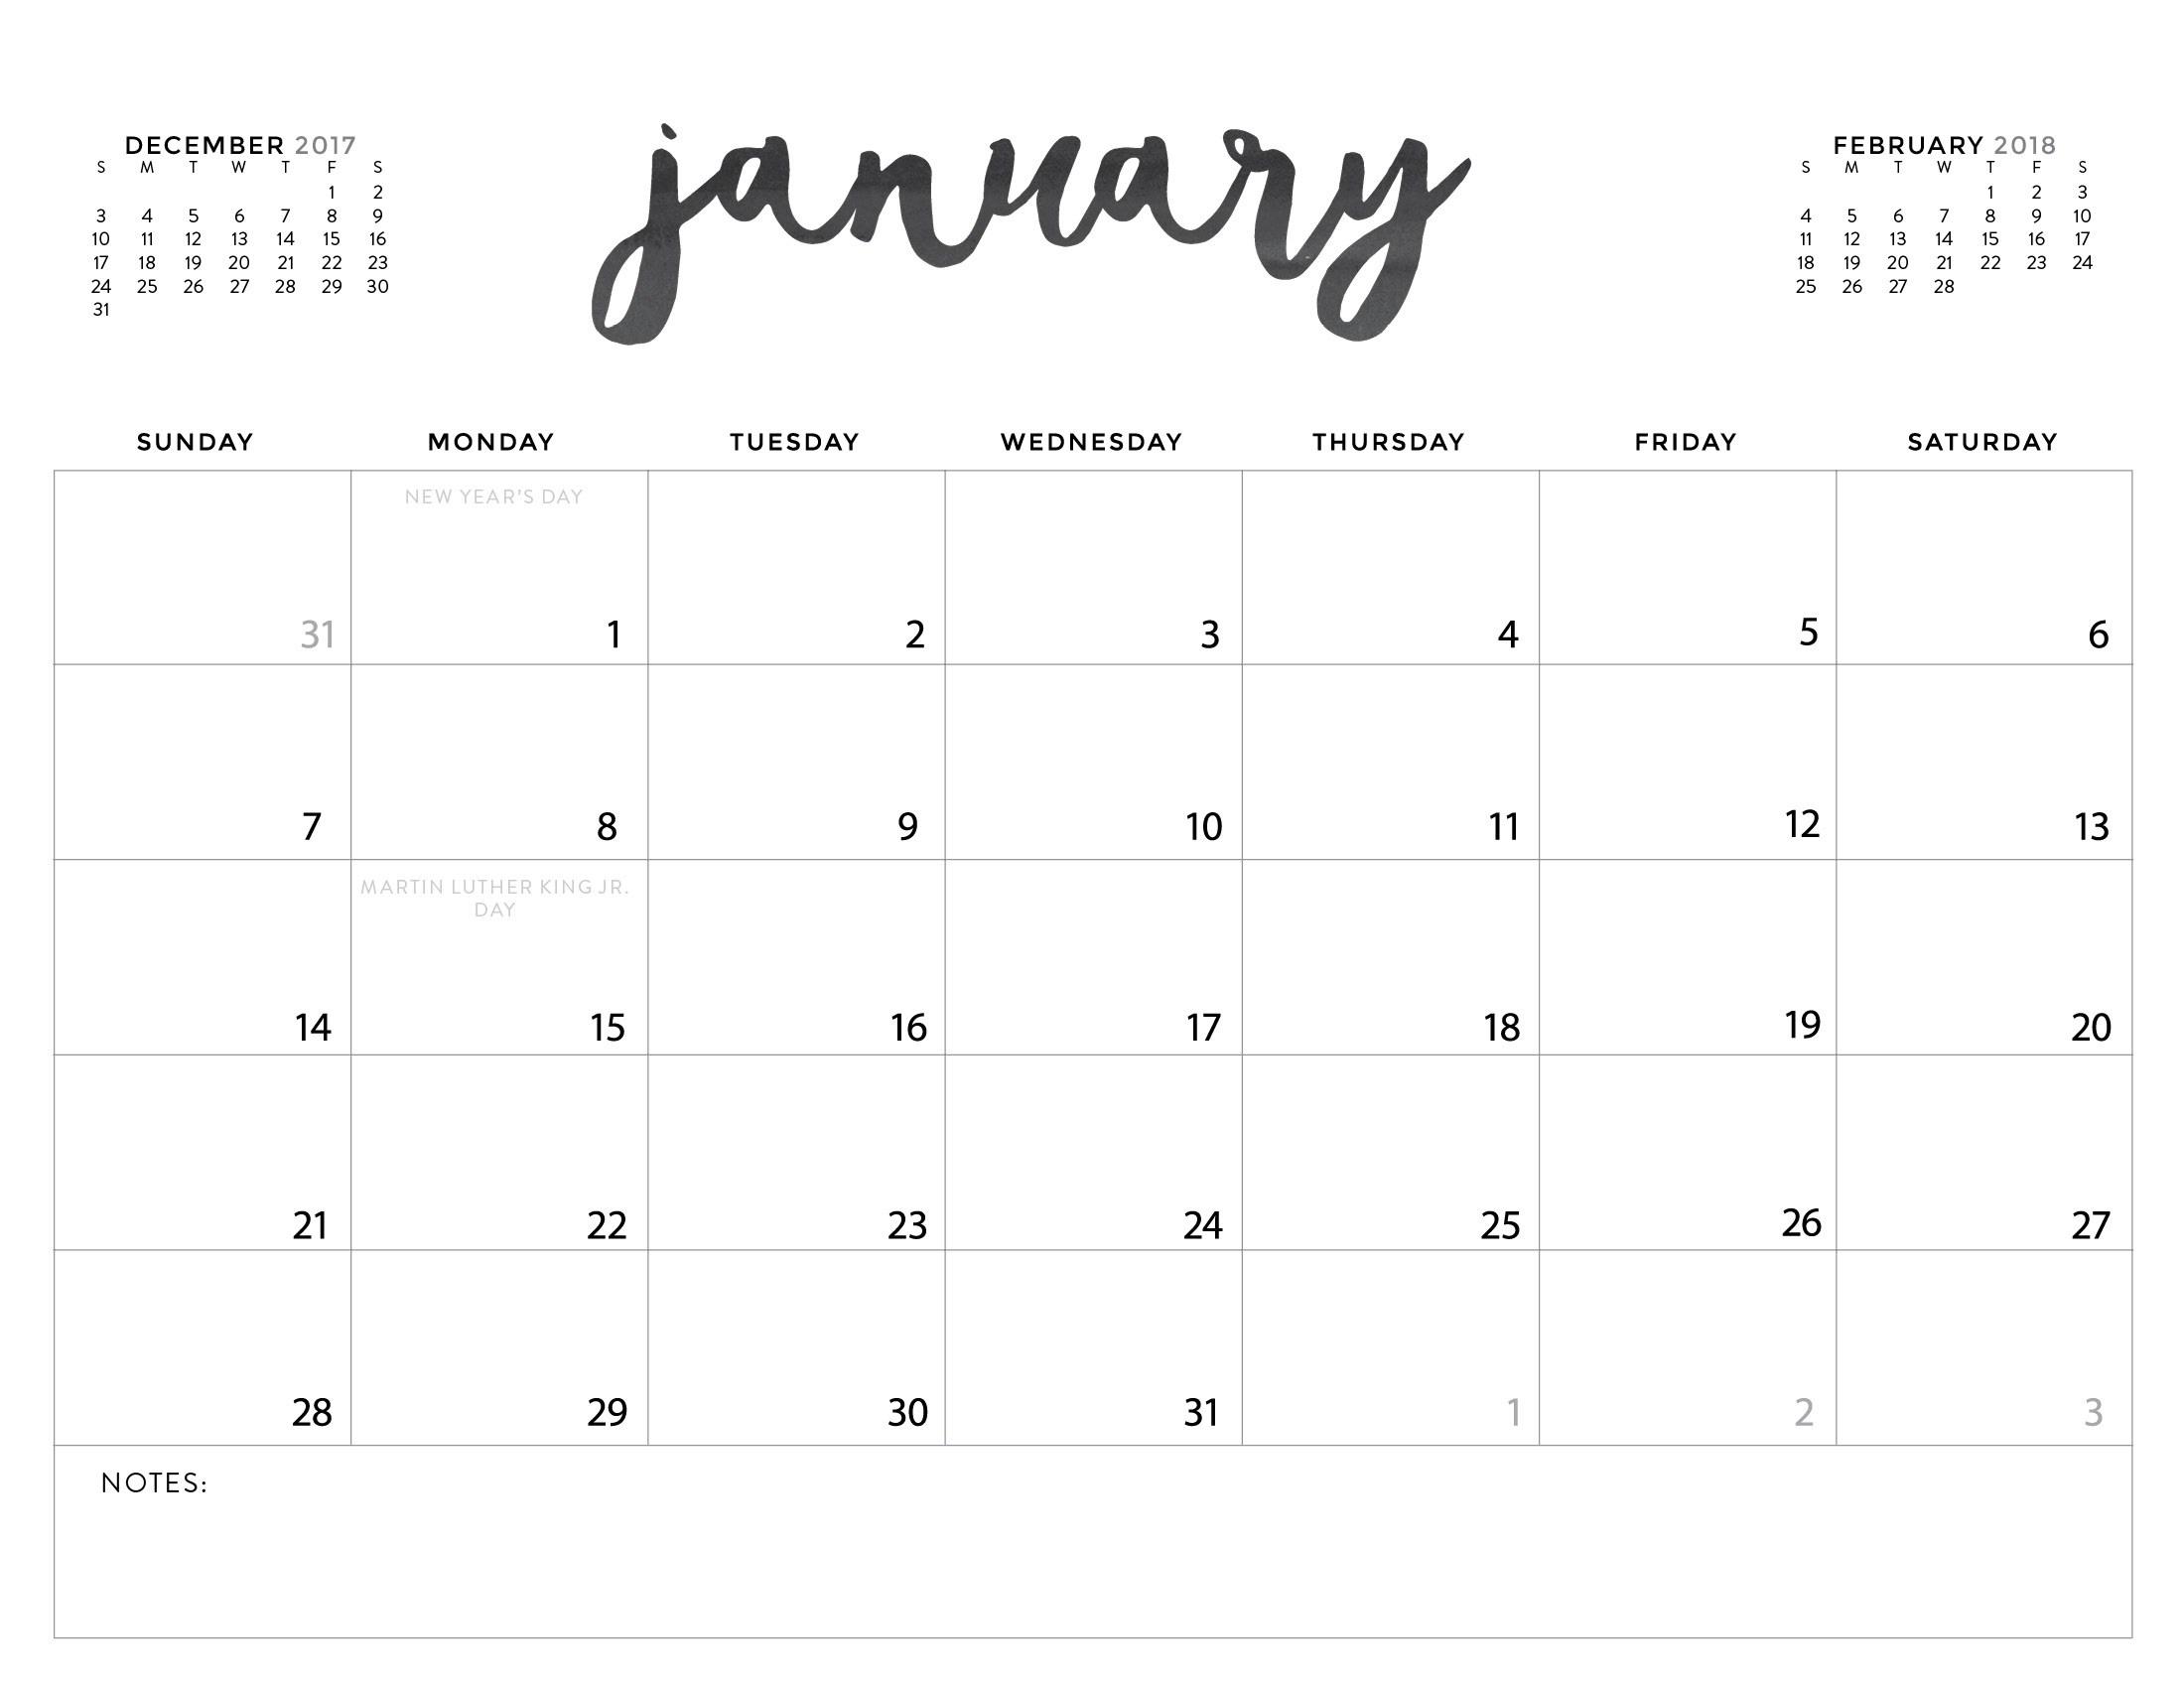 2018 calendar floral design Vector | Free Download